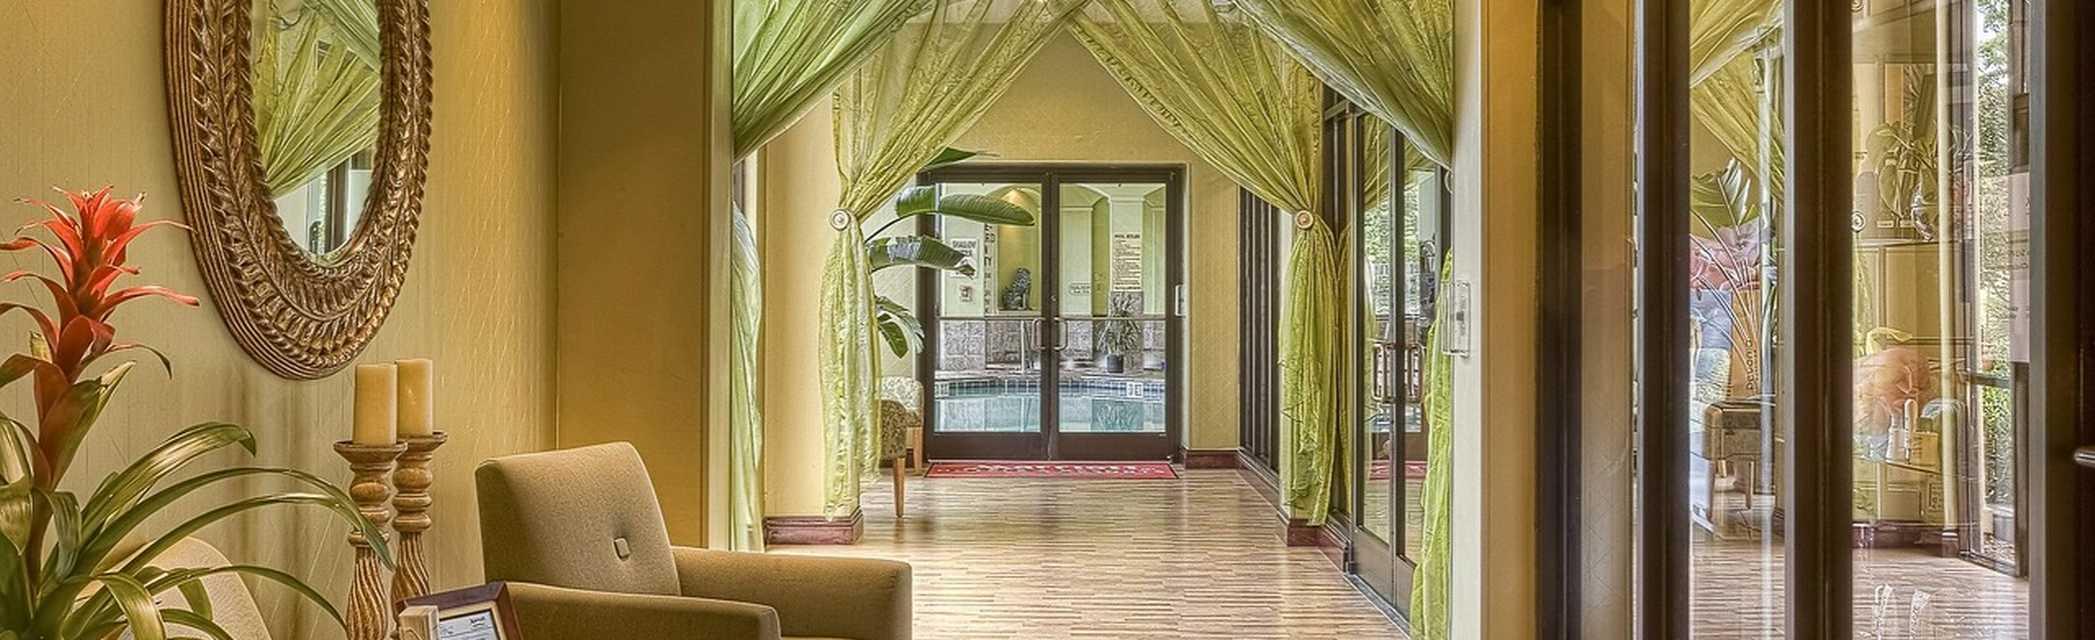 sonnenklar.TV Reisebüro | Design Hotels AG